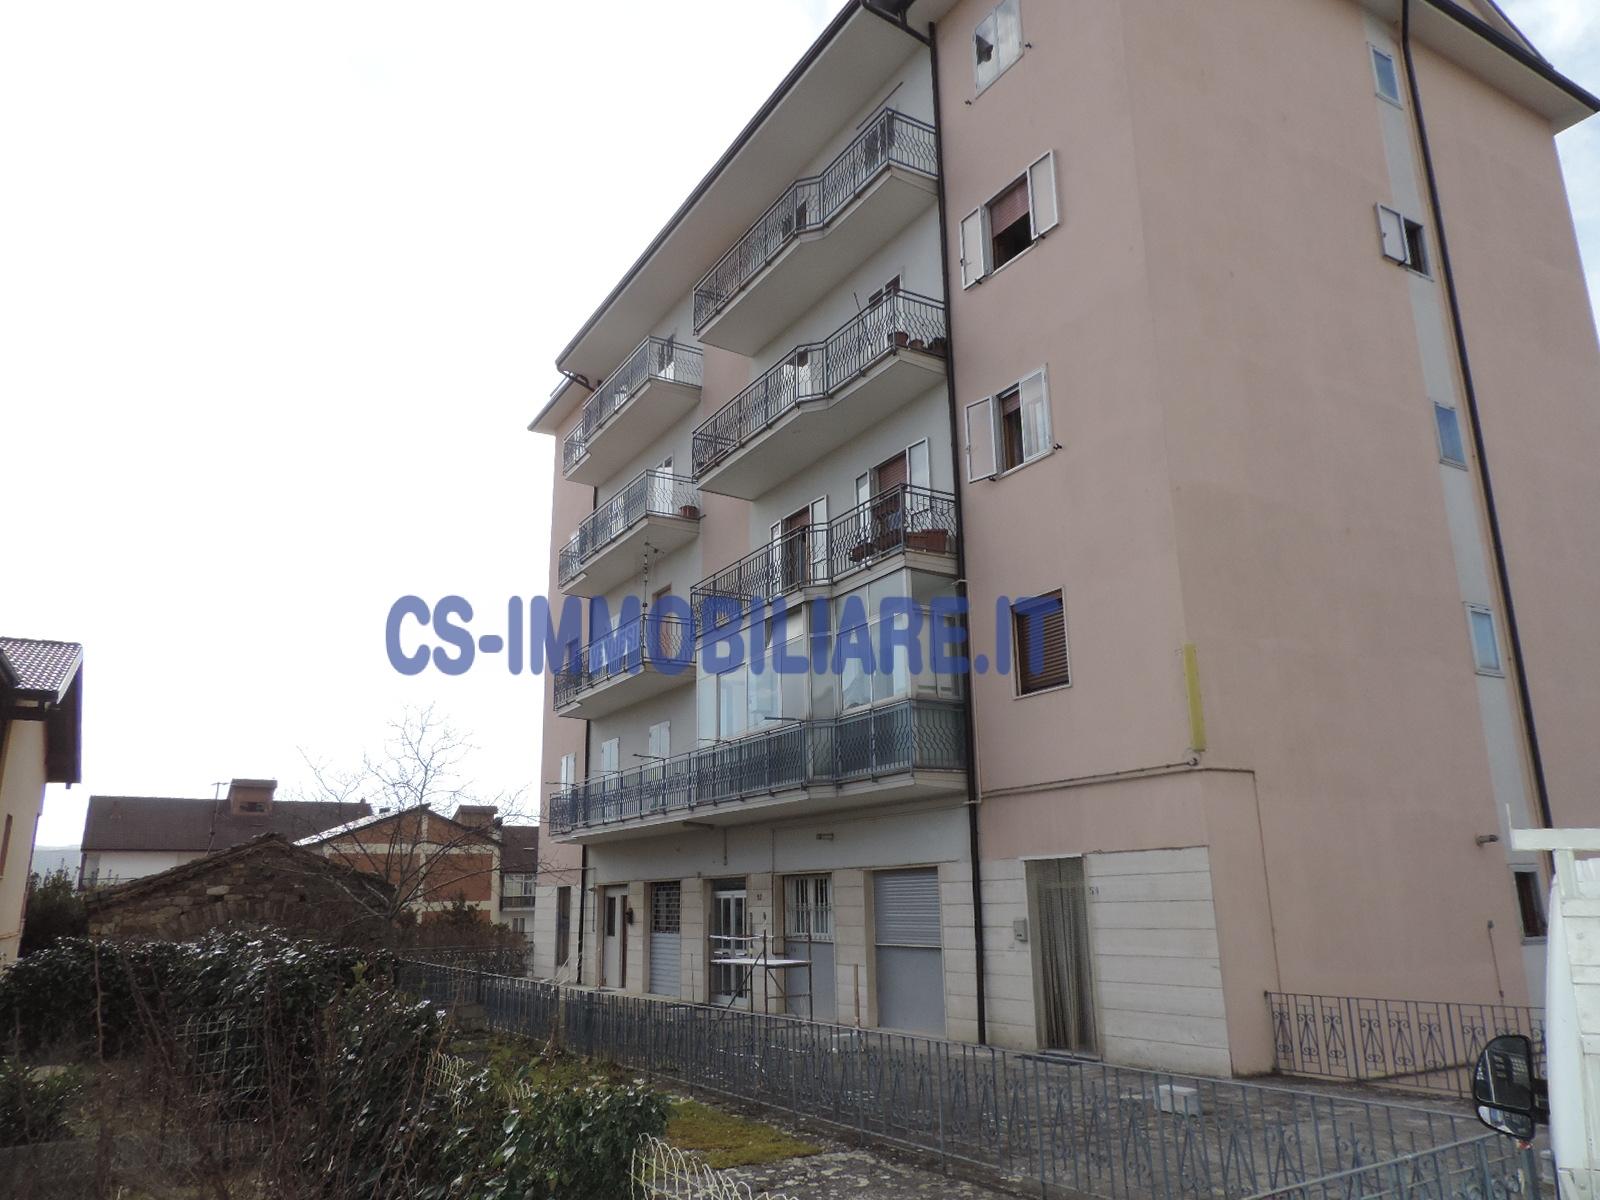 Appartamento in affitto a Potenza, 2 locali, zona Località: ViaAncona, prezzo € 280 | Cambio Casa.it